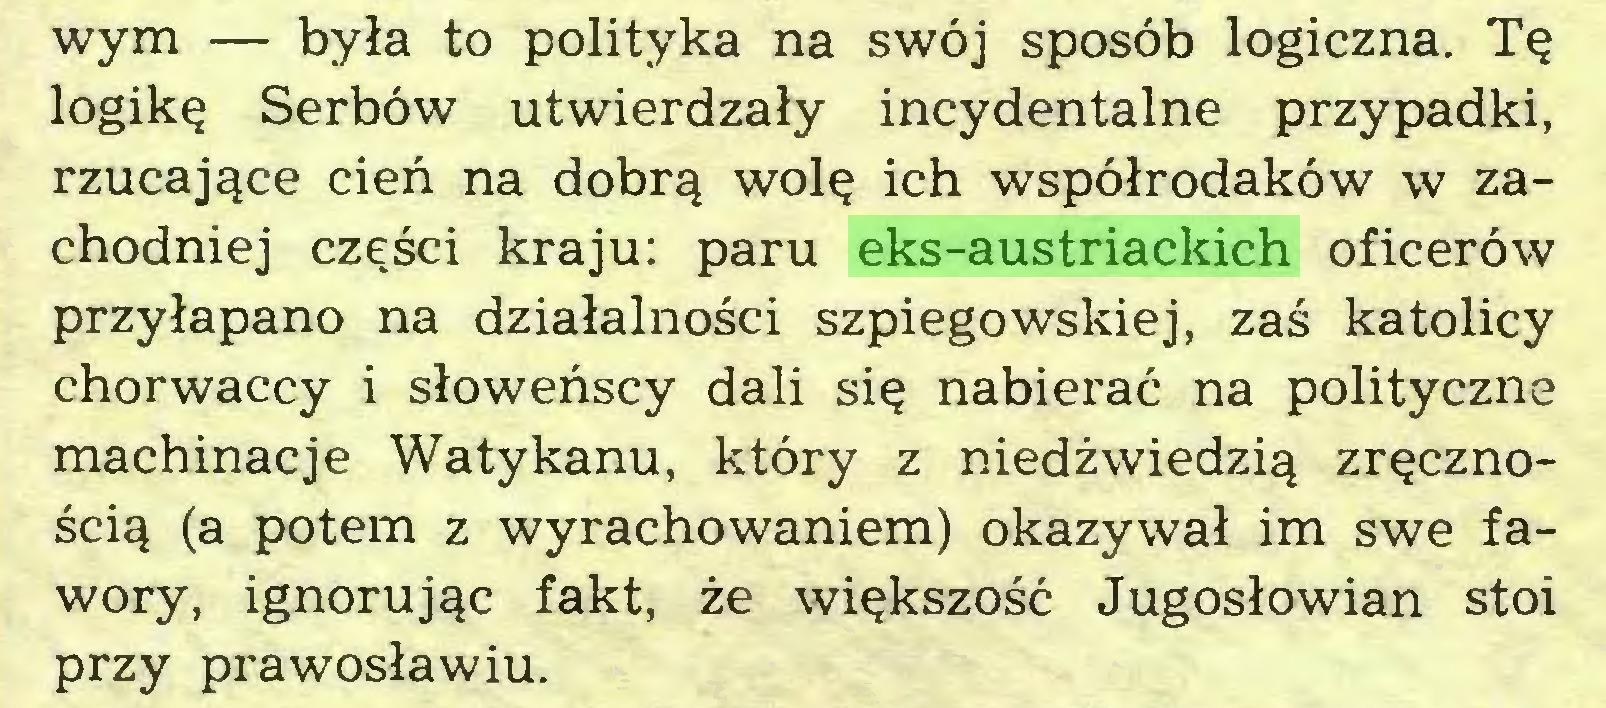 (...) wym — była to polityka na swój sposób logiczna. Tę logikę Serbów utwierdzały incydentalne przypadki, rzucające cień na dobrą wolę ich współrodaków w zachodniej części kraju: paru eks-austriackich oficerów przyłapano na działalności szpiegowskiej, zaś katolicy chorwaccy i słoweńscy dali się nabierać na polityczne machinacje Watykanu, który z niedźwiedzią zręcznością (a potem z wyrachowaniem) okazywał im swe fawory, ignorując fakt, że większość Jugosłowian stoi przy prawosławiu...